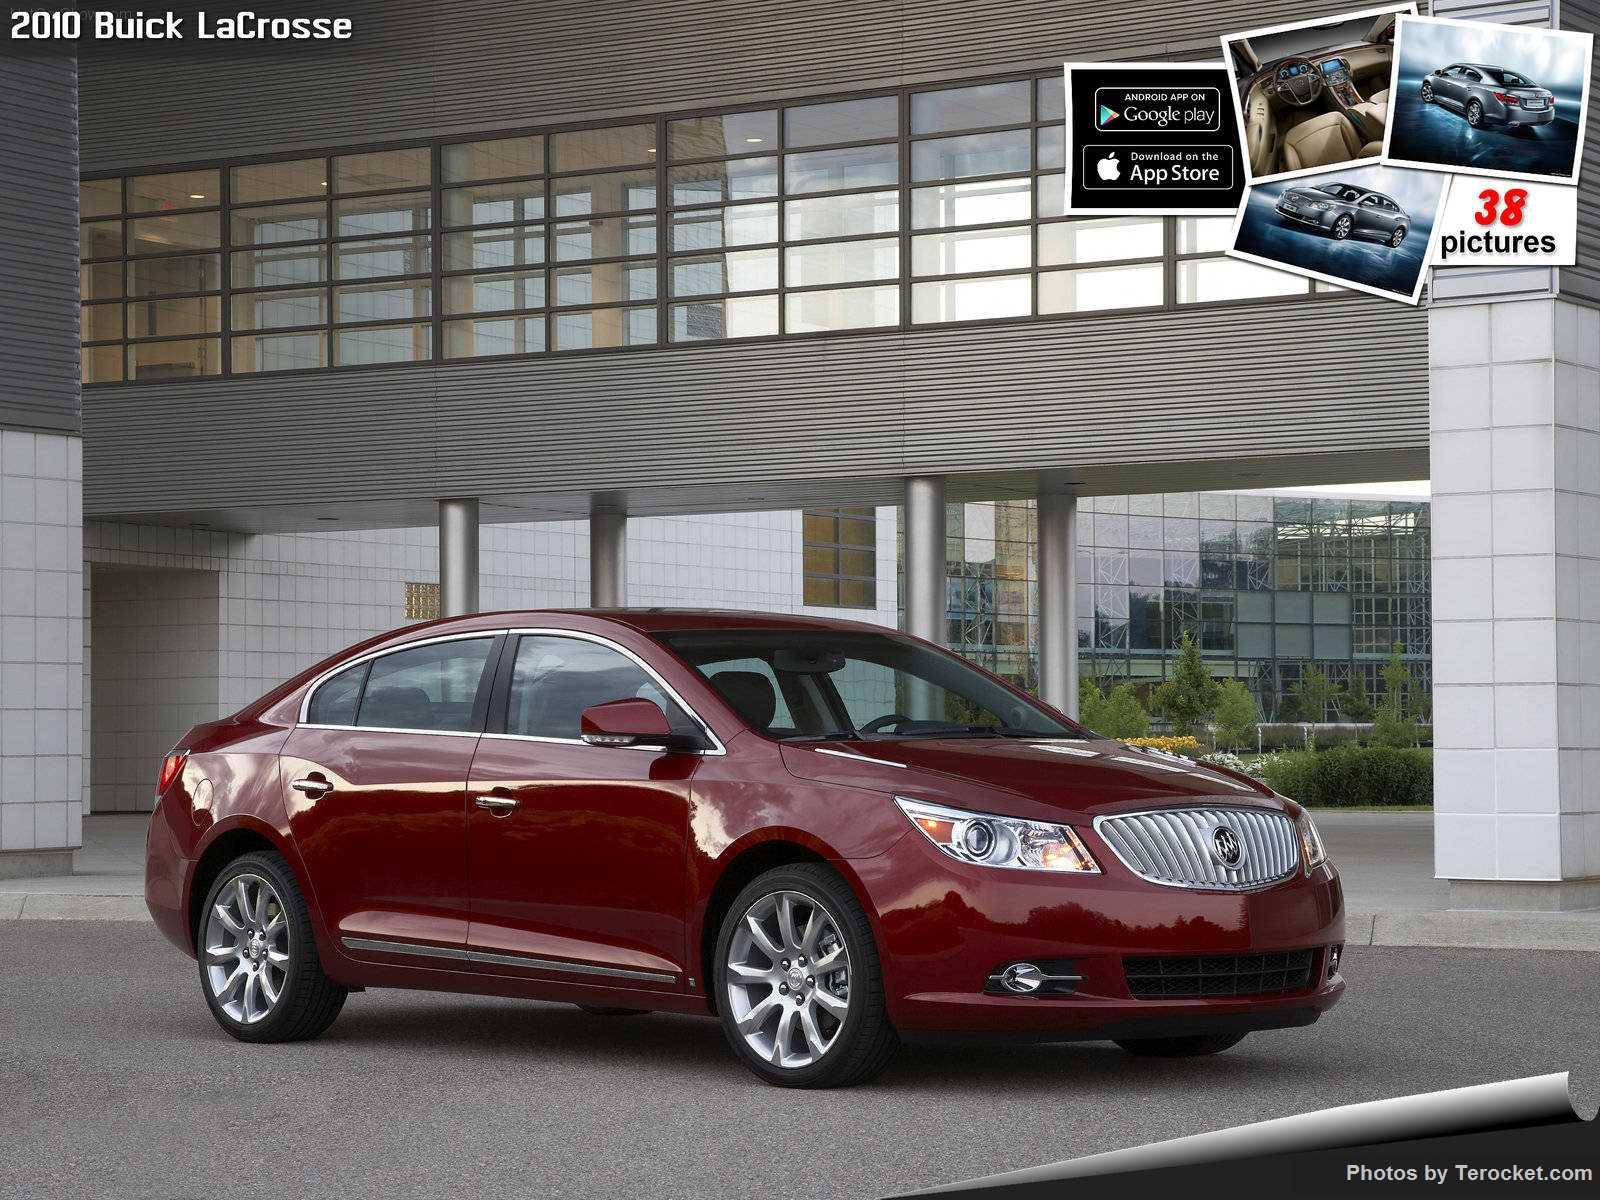 Hình ảnh xe ô tô Buick LaCrosse 2010 & nội ngoại thất